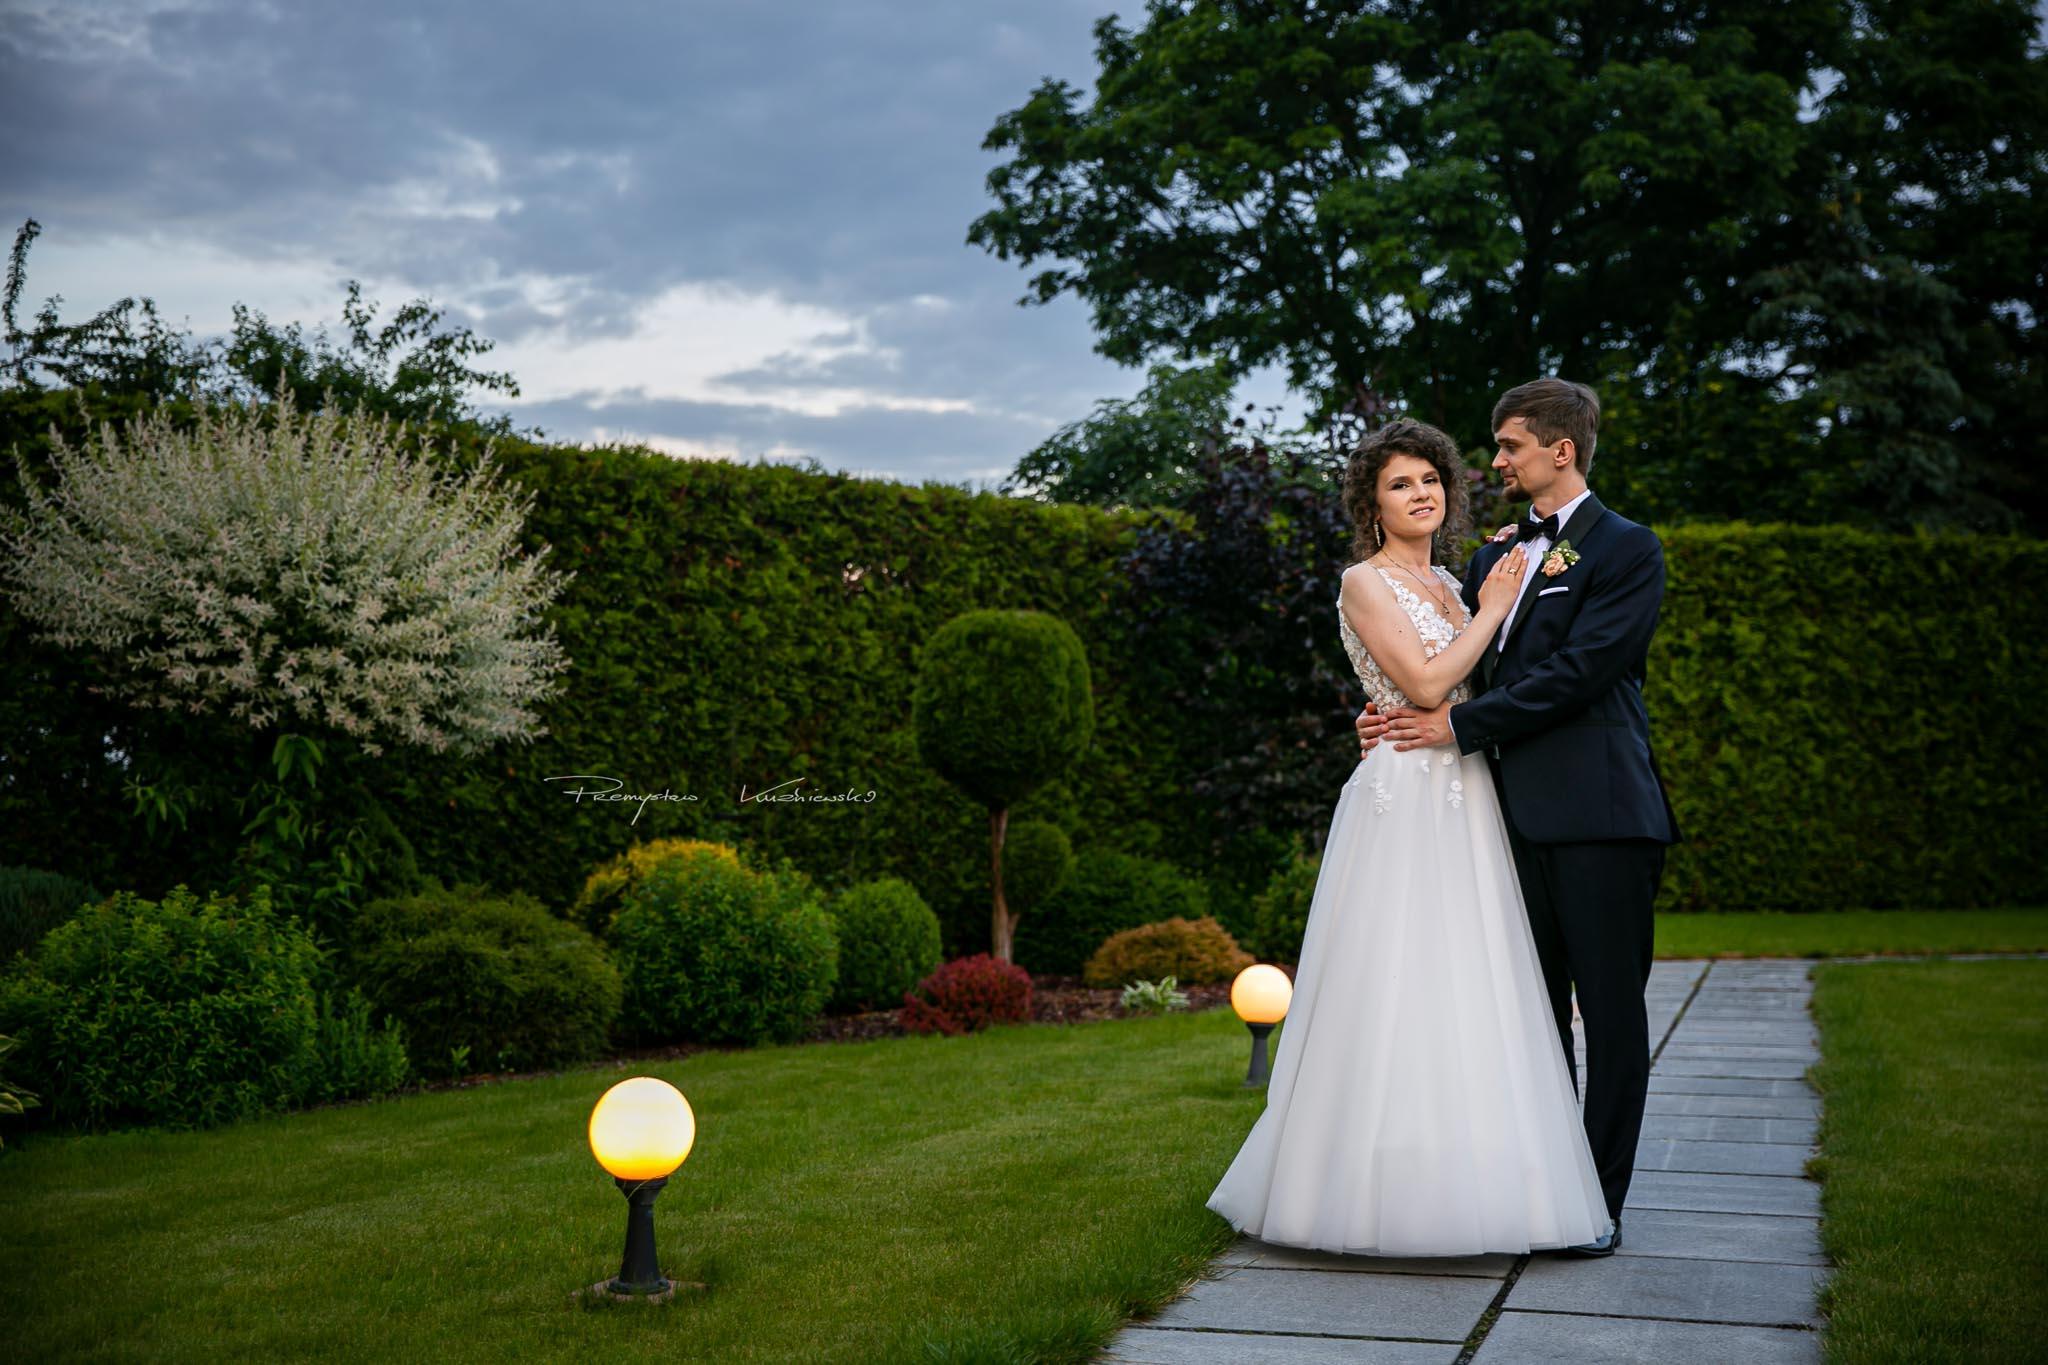 Marta i Daniel sesja slubna empiriafoto fotograf slubny 03 pmk